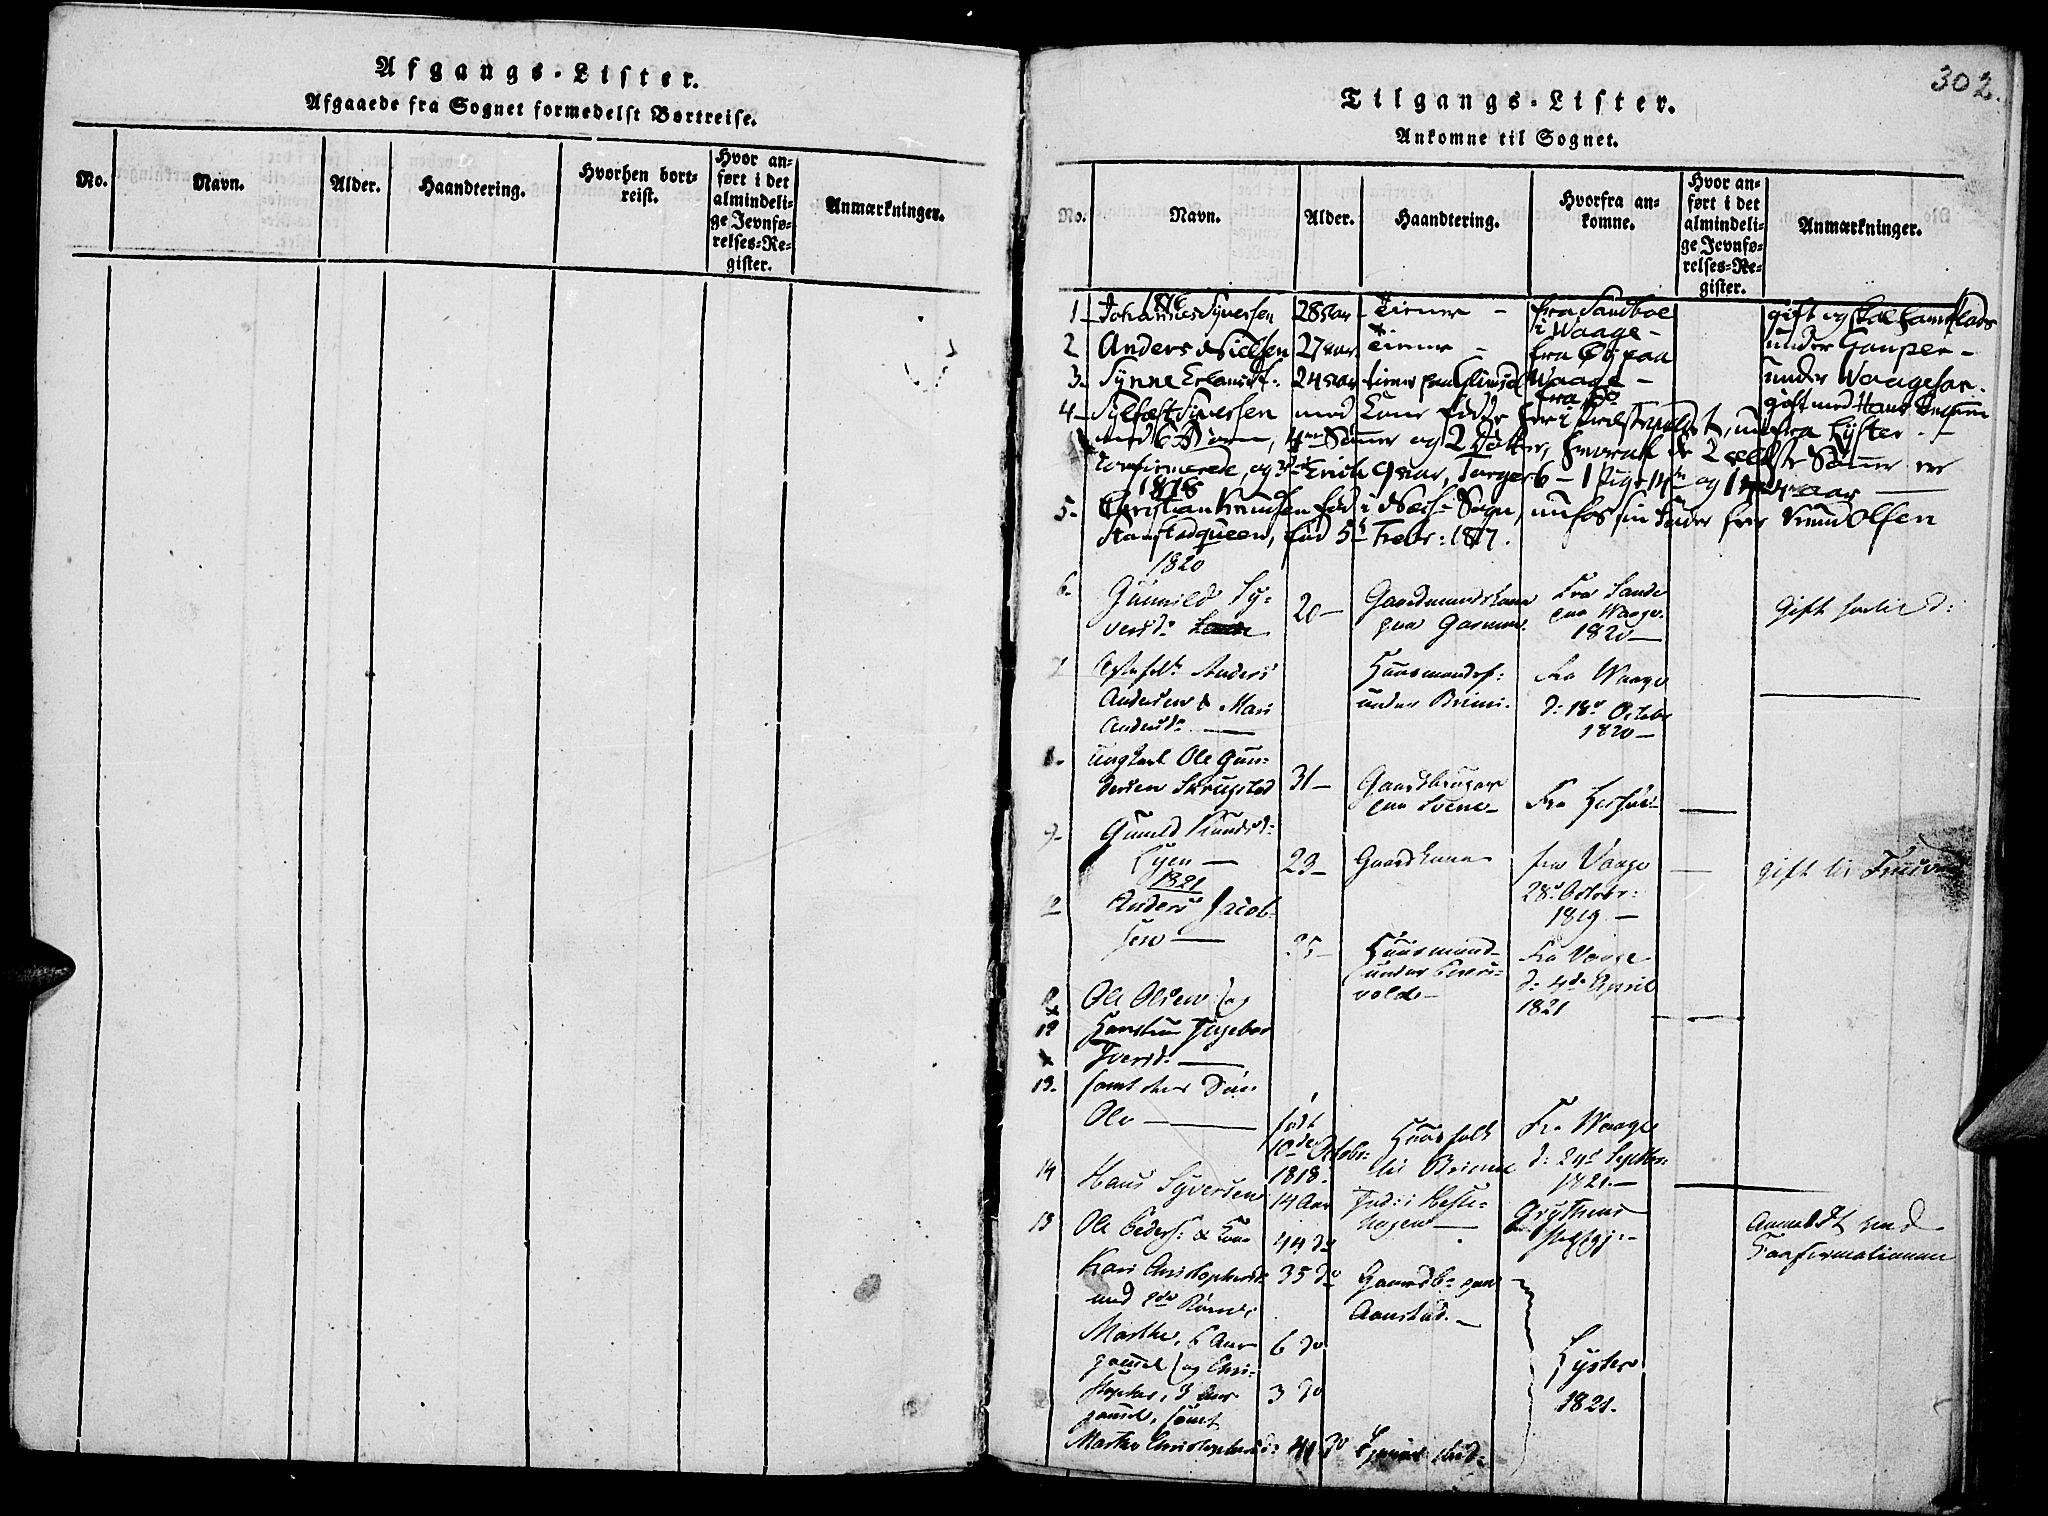 SAH, Lom prestekontor, K/L0004: Ministerialbok nr. 4, 1815-1825, s. 302